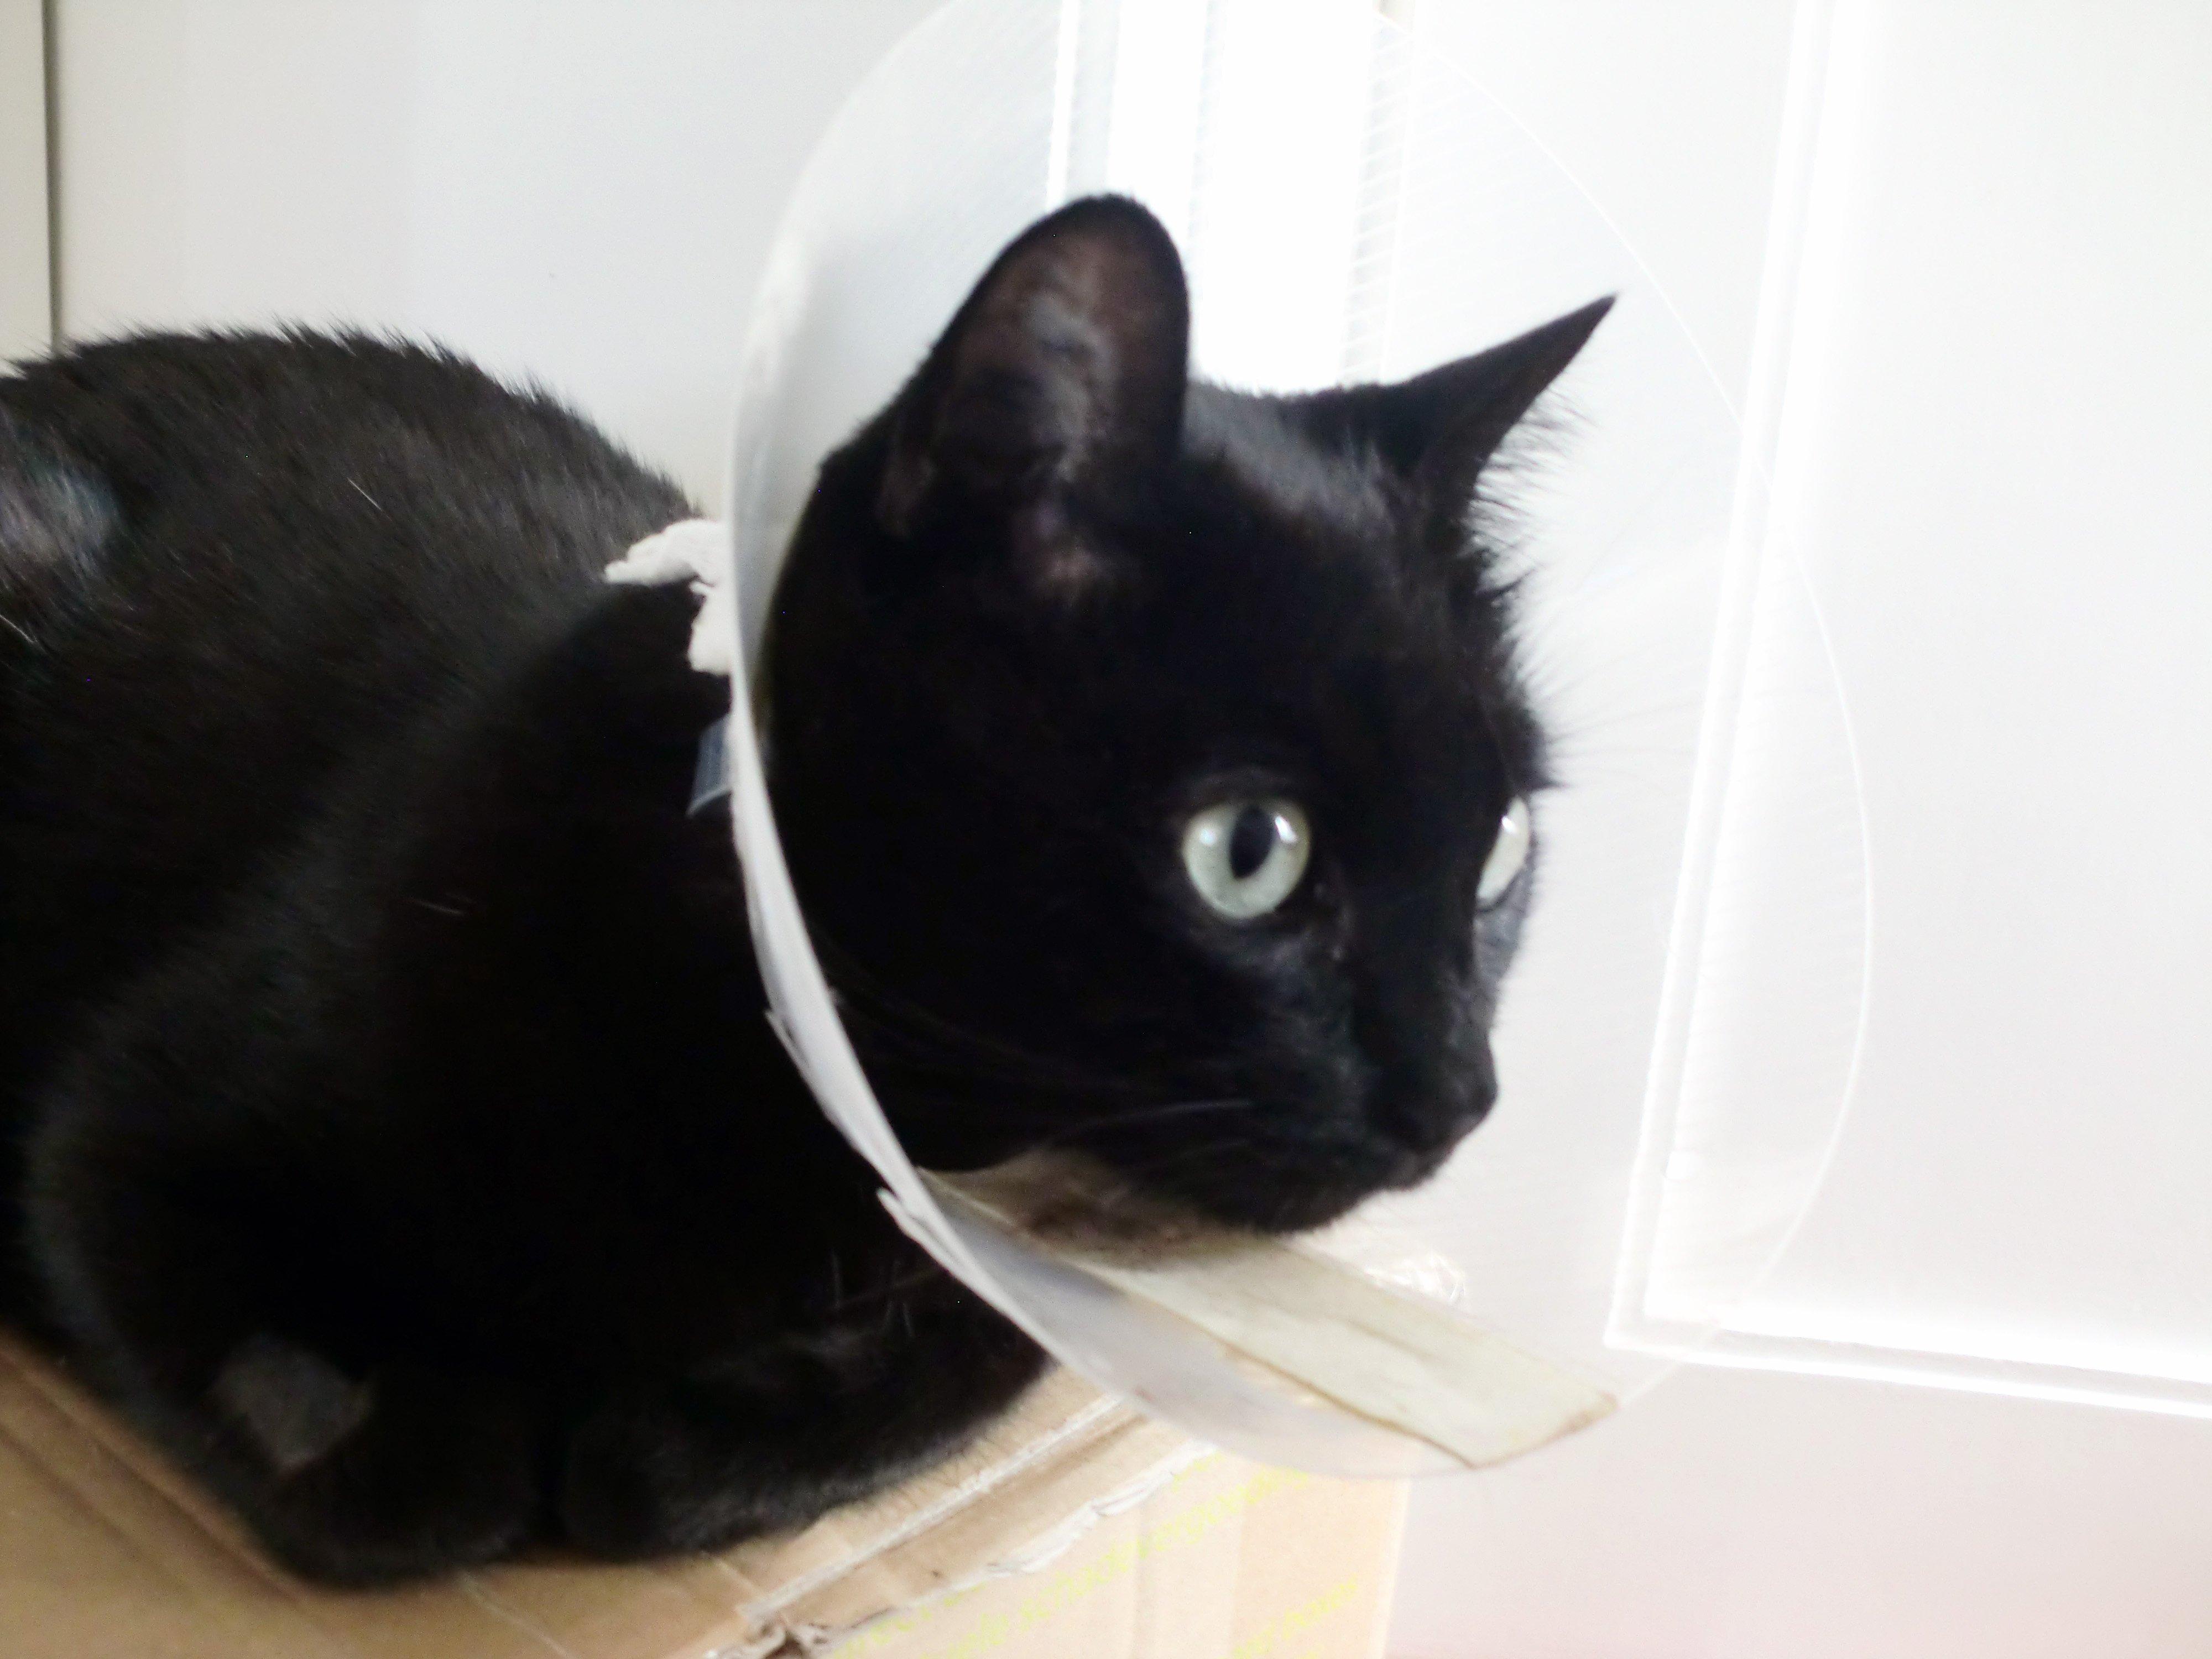 Katze Halskragen Wunde